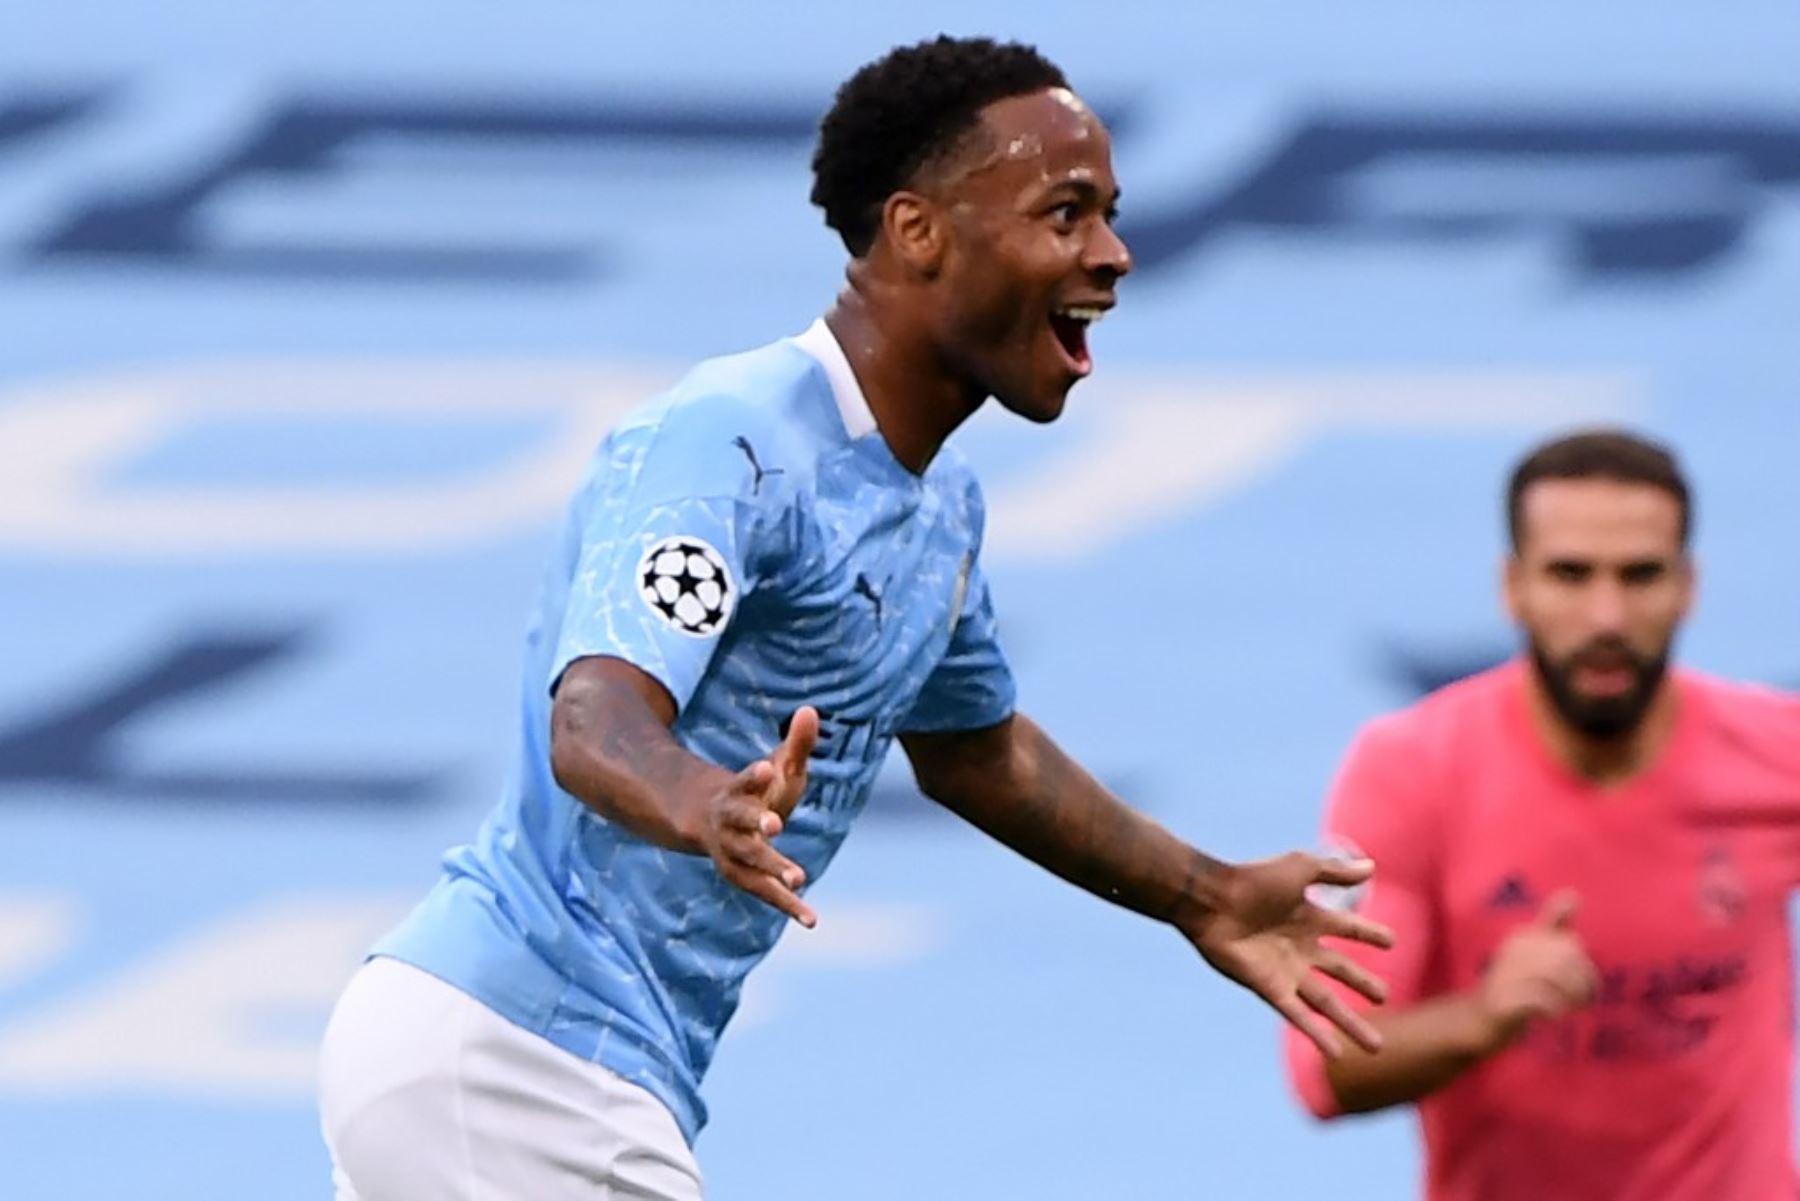 El centrocampista inglés del Manchester City Raheem Sterling  celebra el gol de apertura durante la ronda de la Liga de Campeones de la UEFA.Foto:AFP